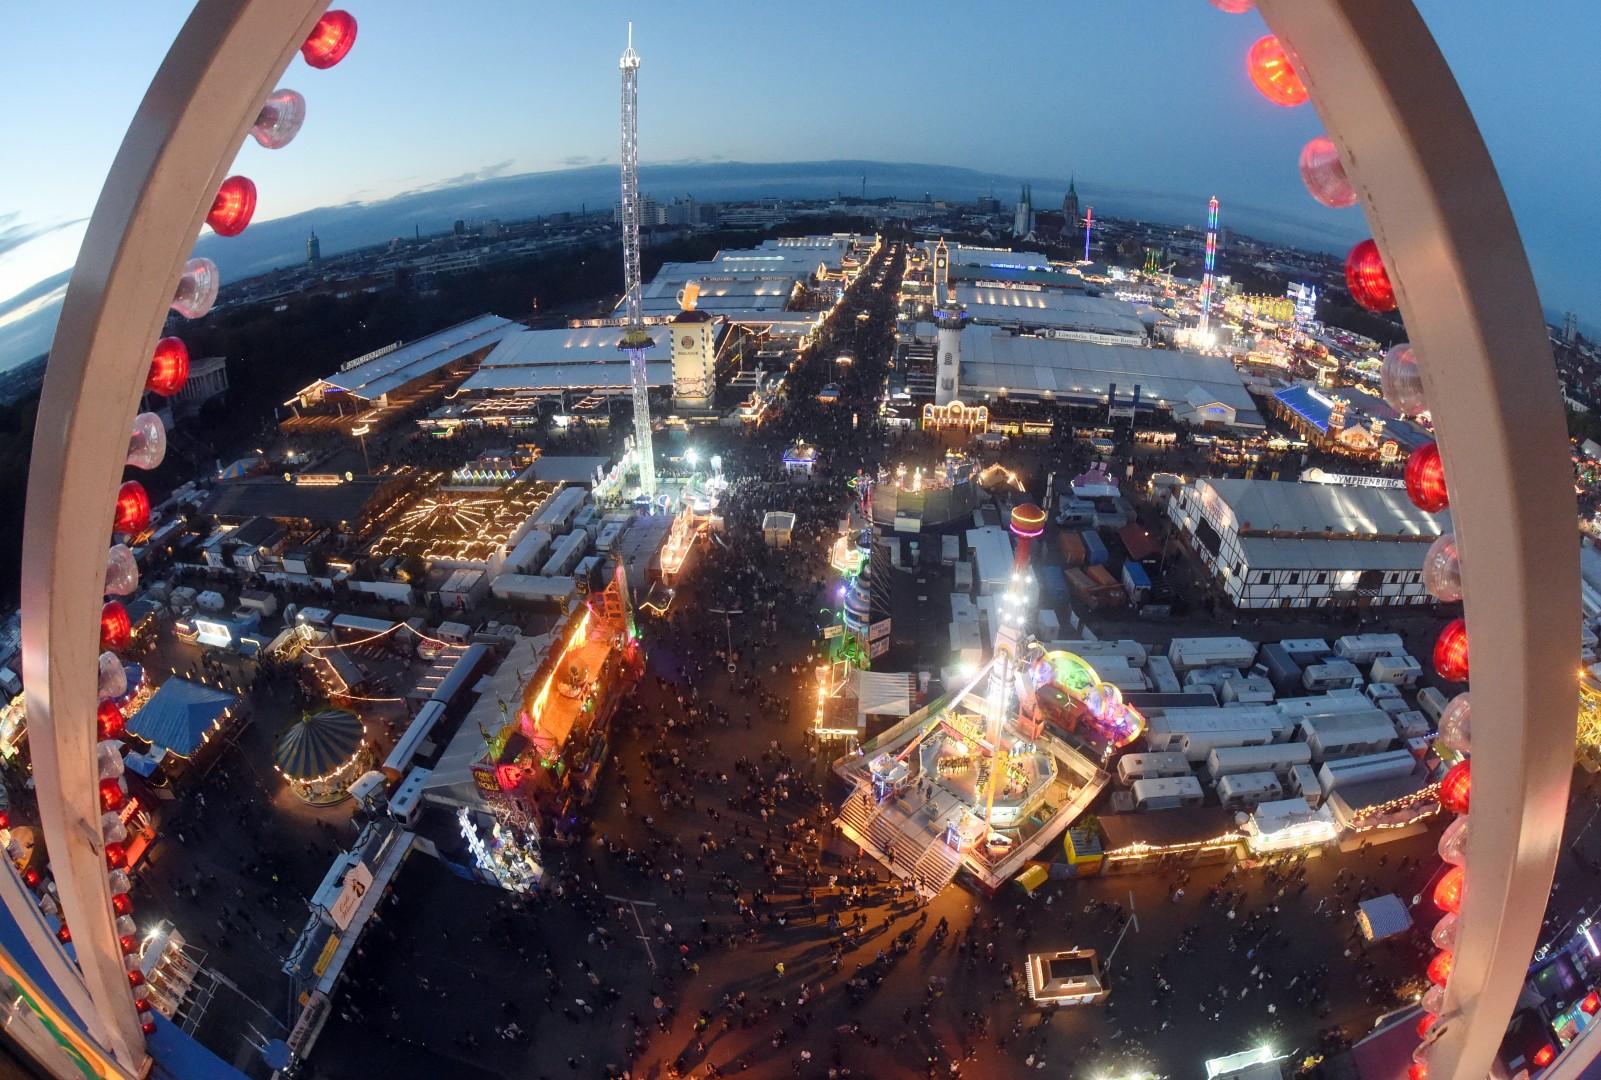 Začetek letošnjega Oktoberfesta v znamenju poostrenih varnostnih ukrepov 4